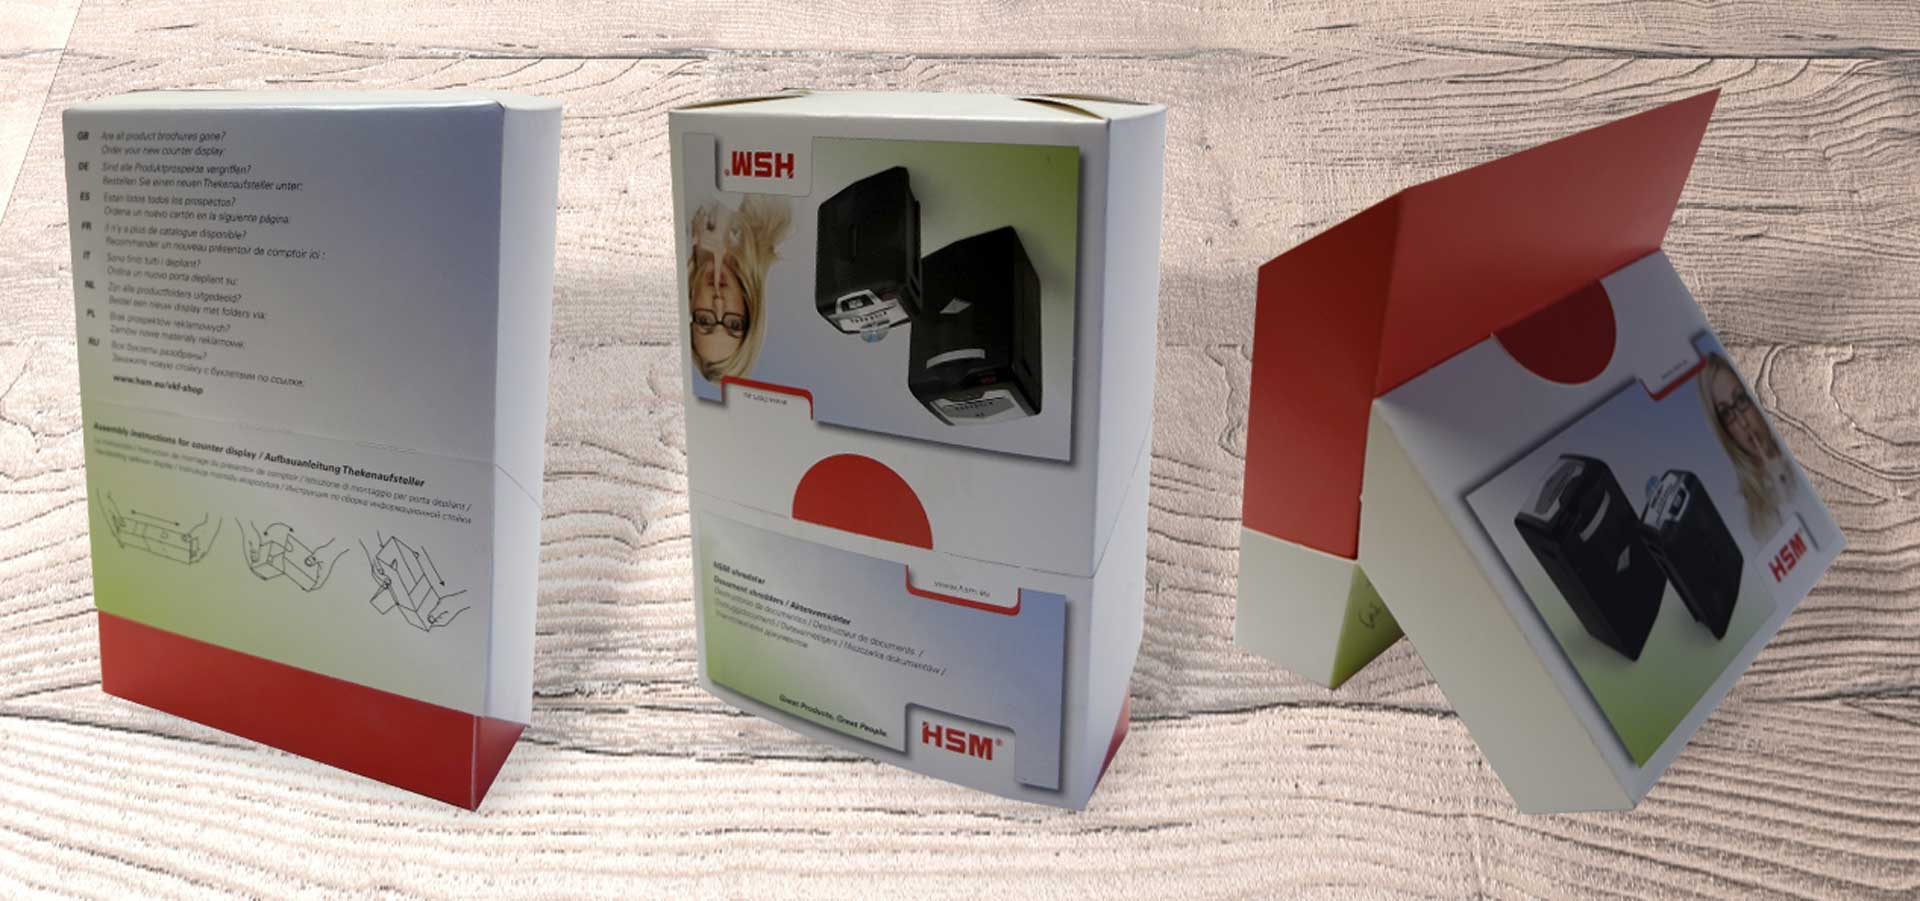 dispenser-2-fuer-lang-din-flyer